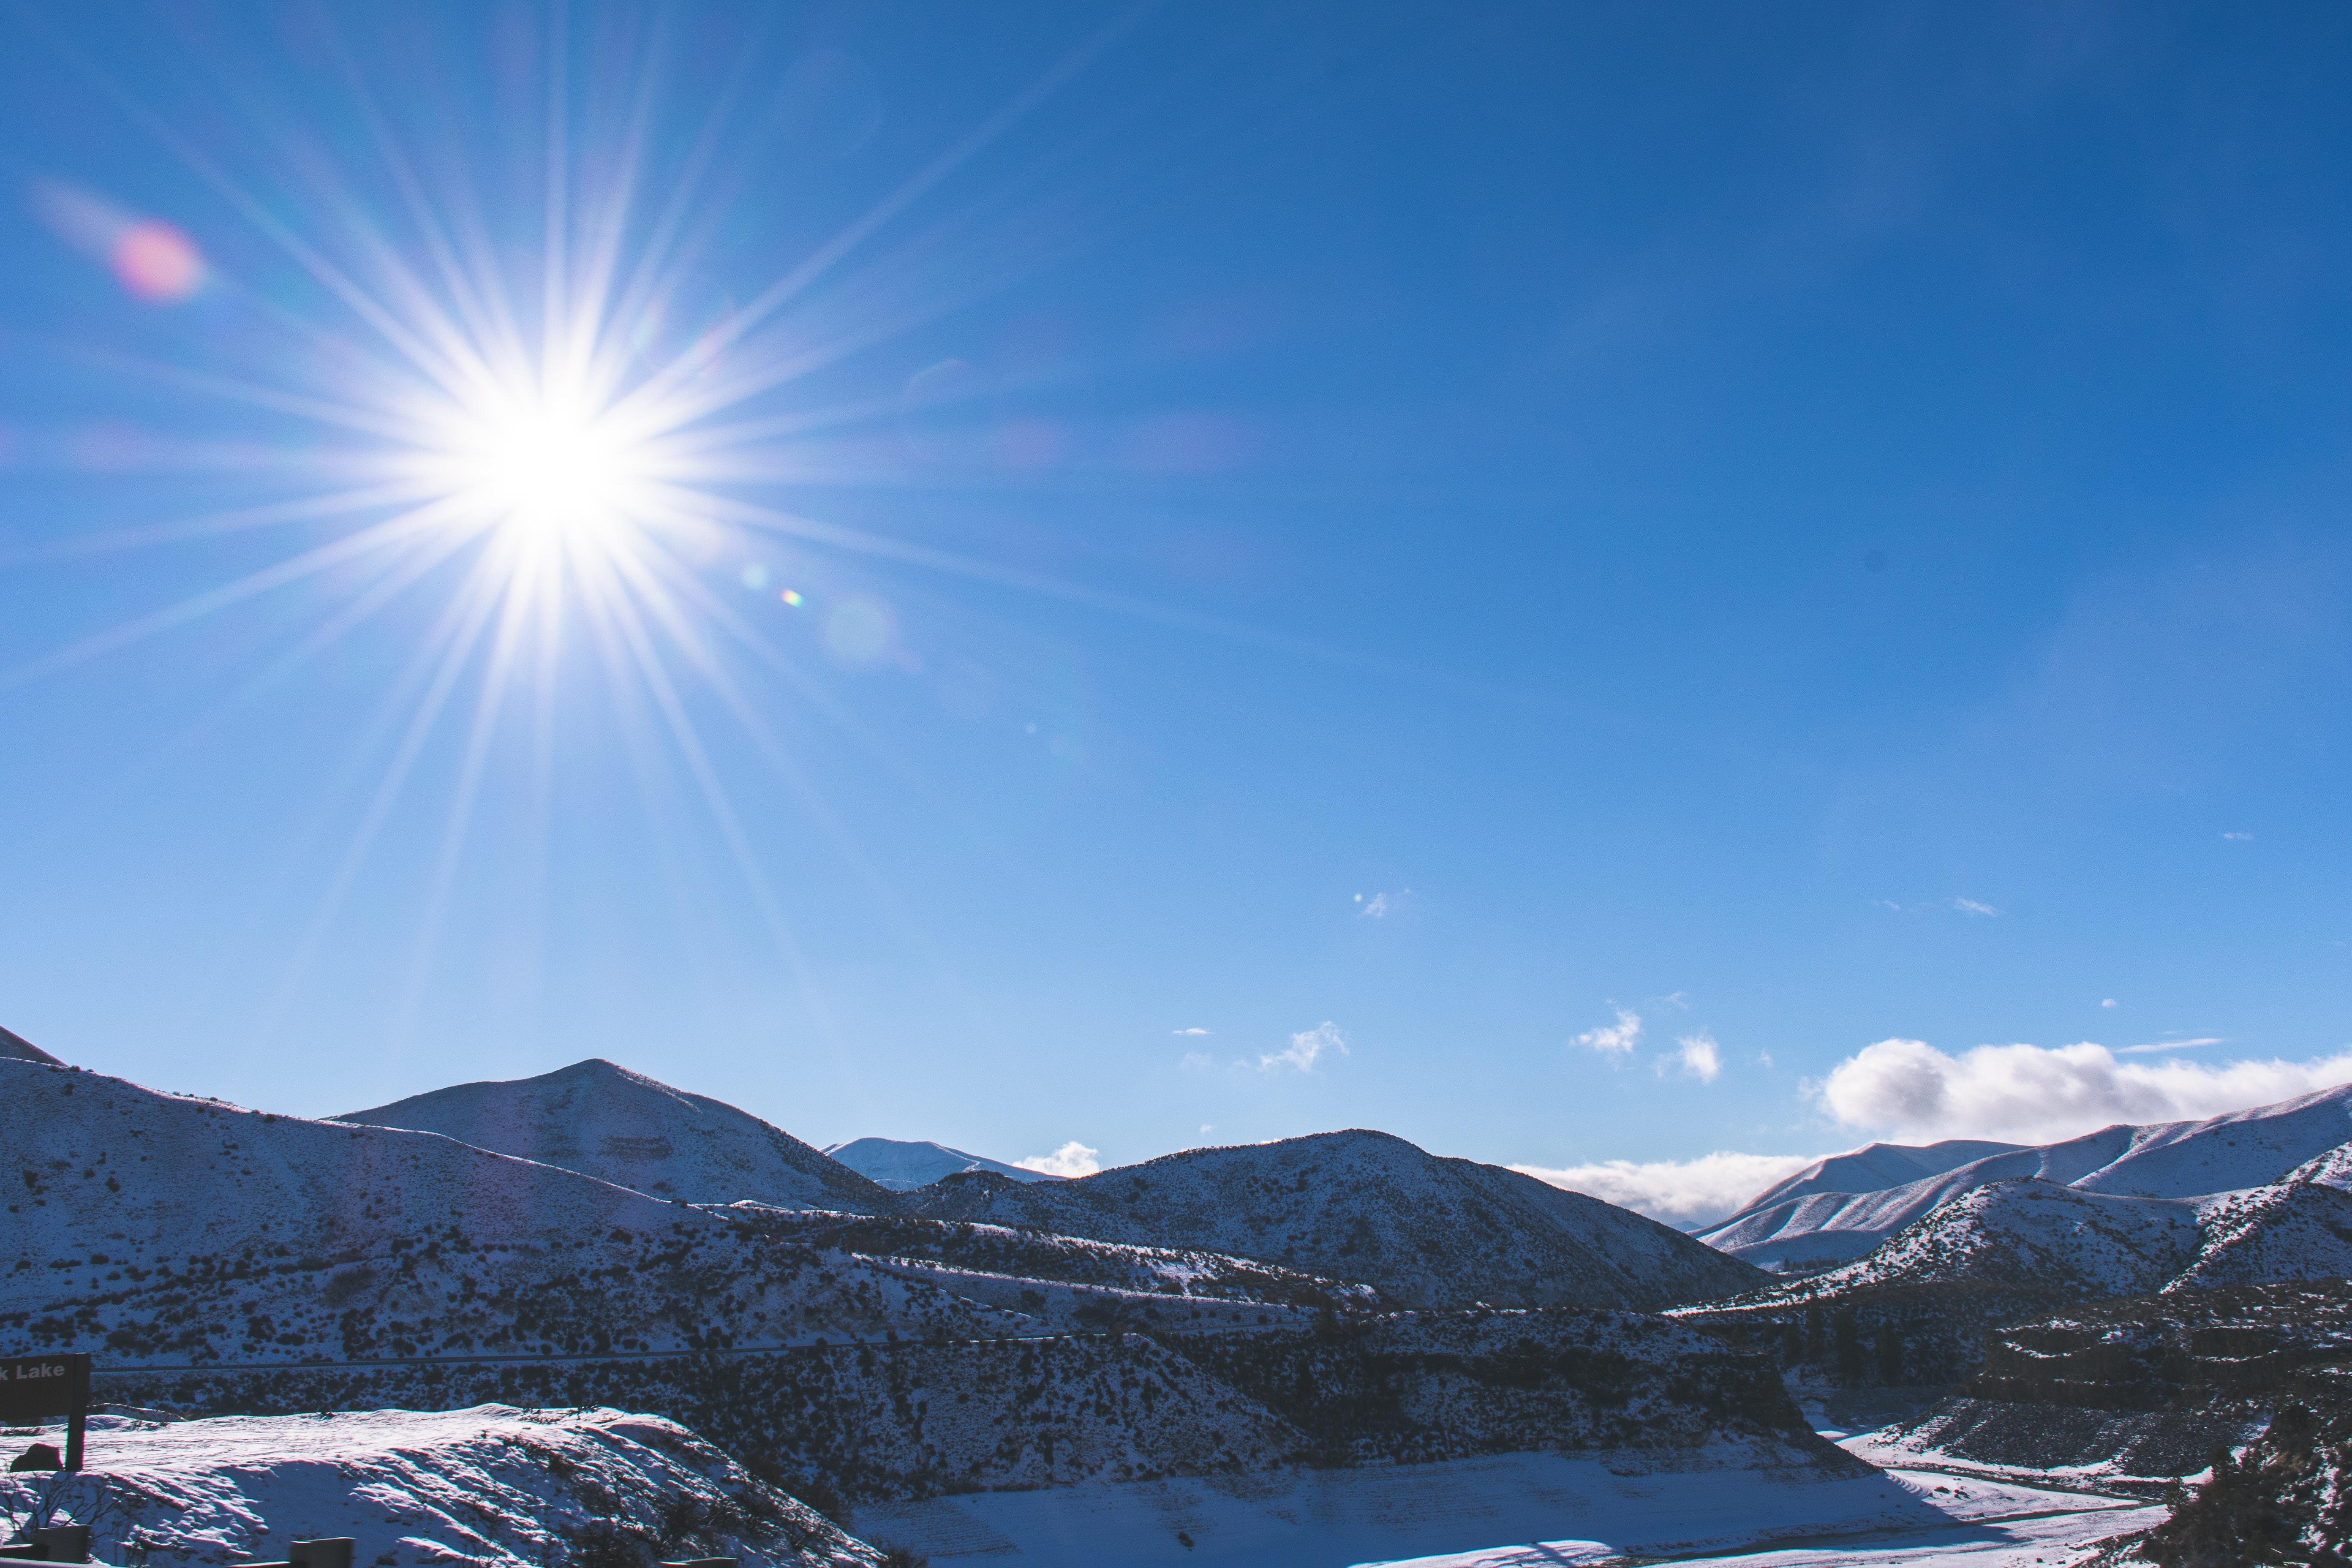 Montagne Enneigee Sous Le Ciel Bleu Photo Gratuite